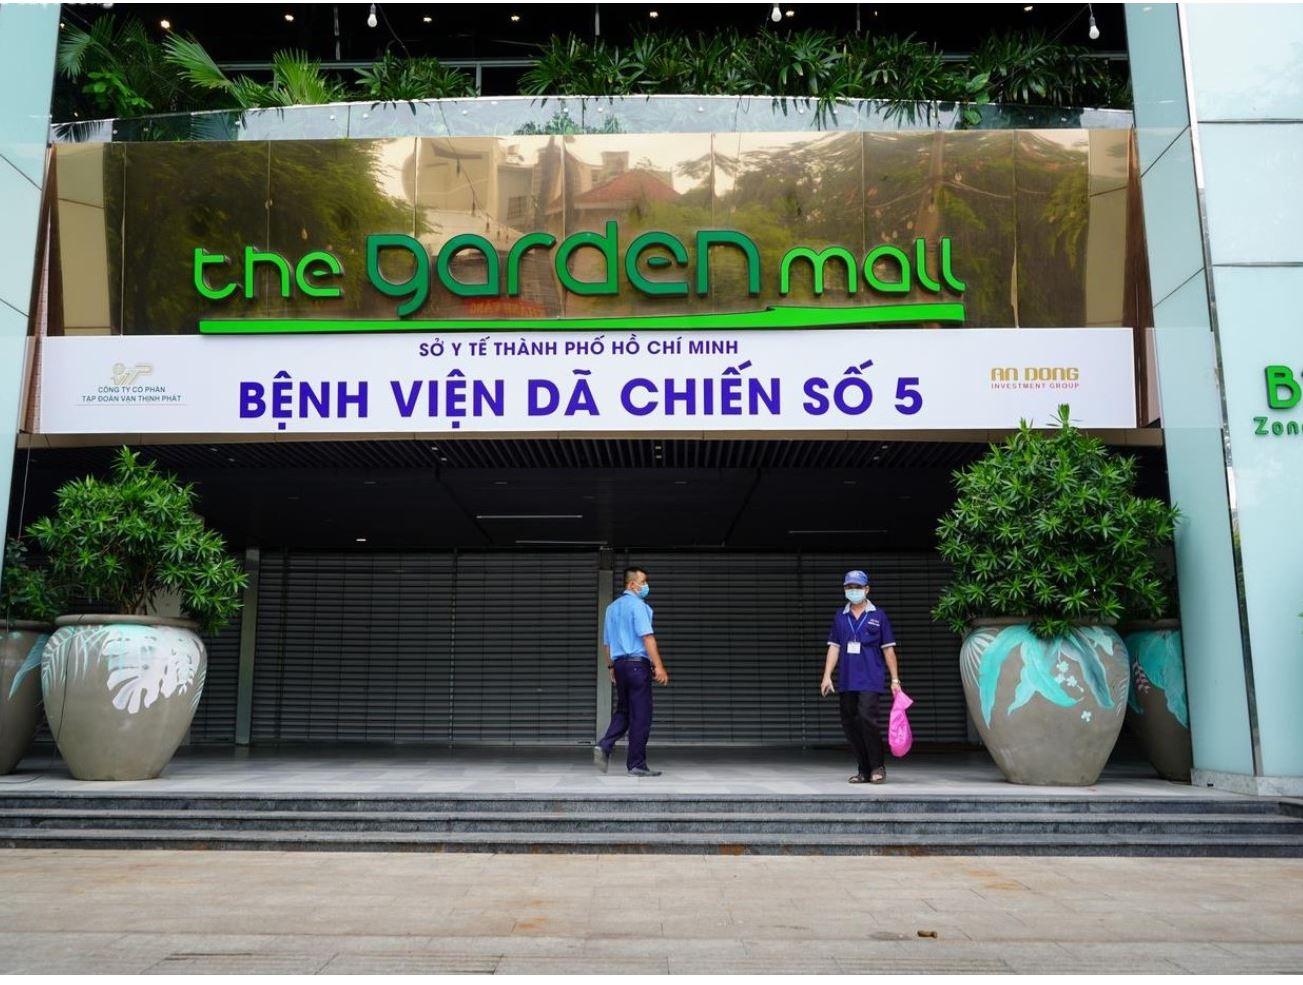 Vách Ngăn Việt Nam tham gia xây dựng Bệnh viện Dã chiến Thuận Kiều Plaza